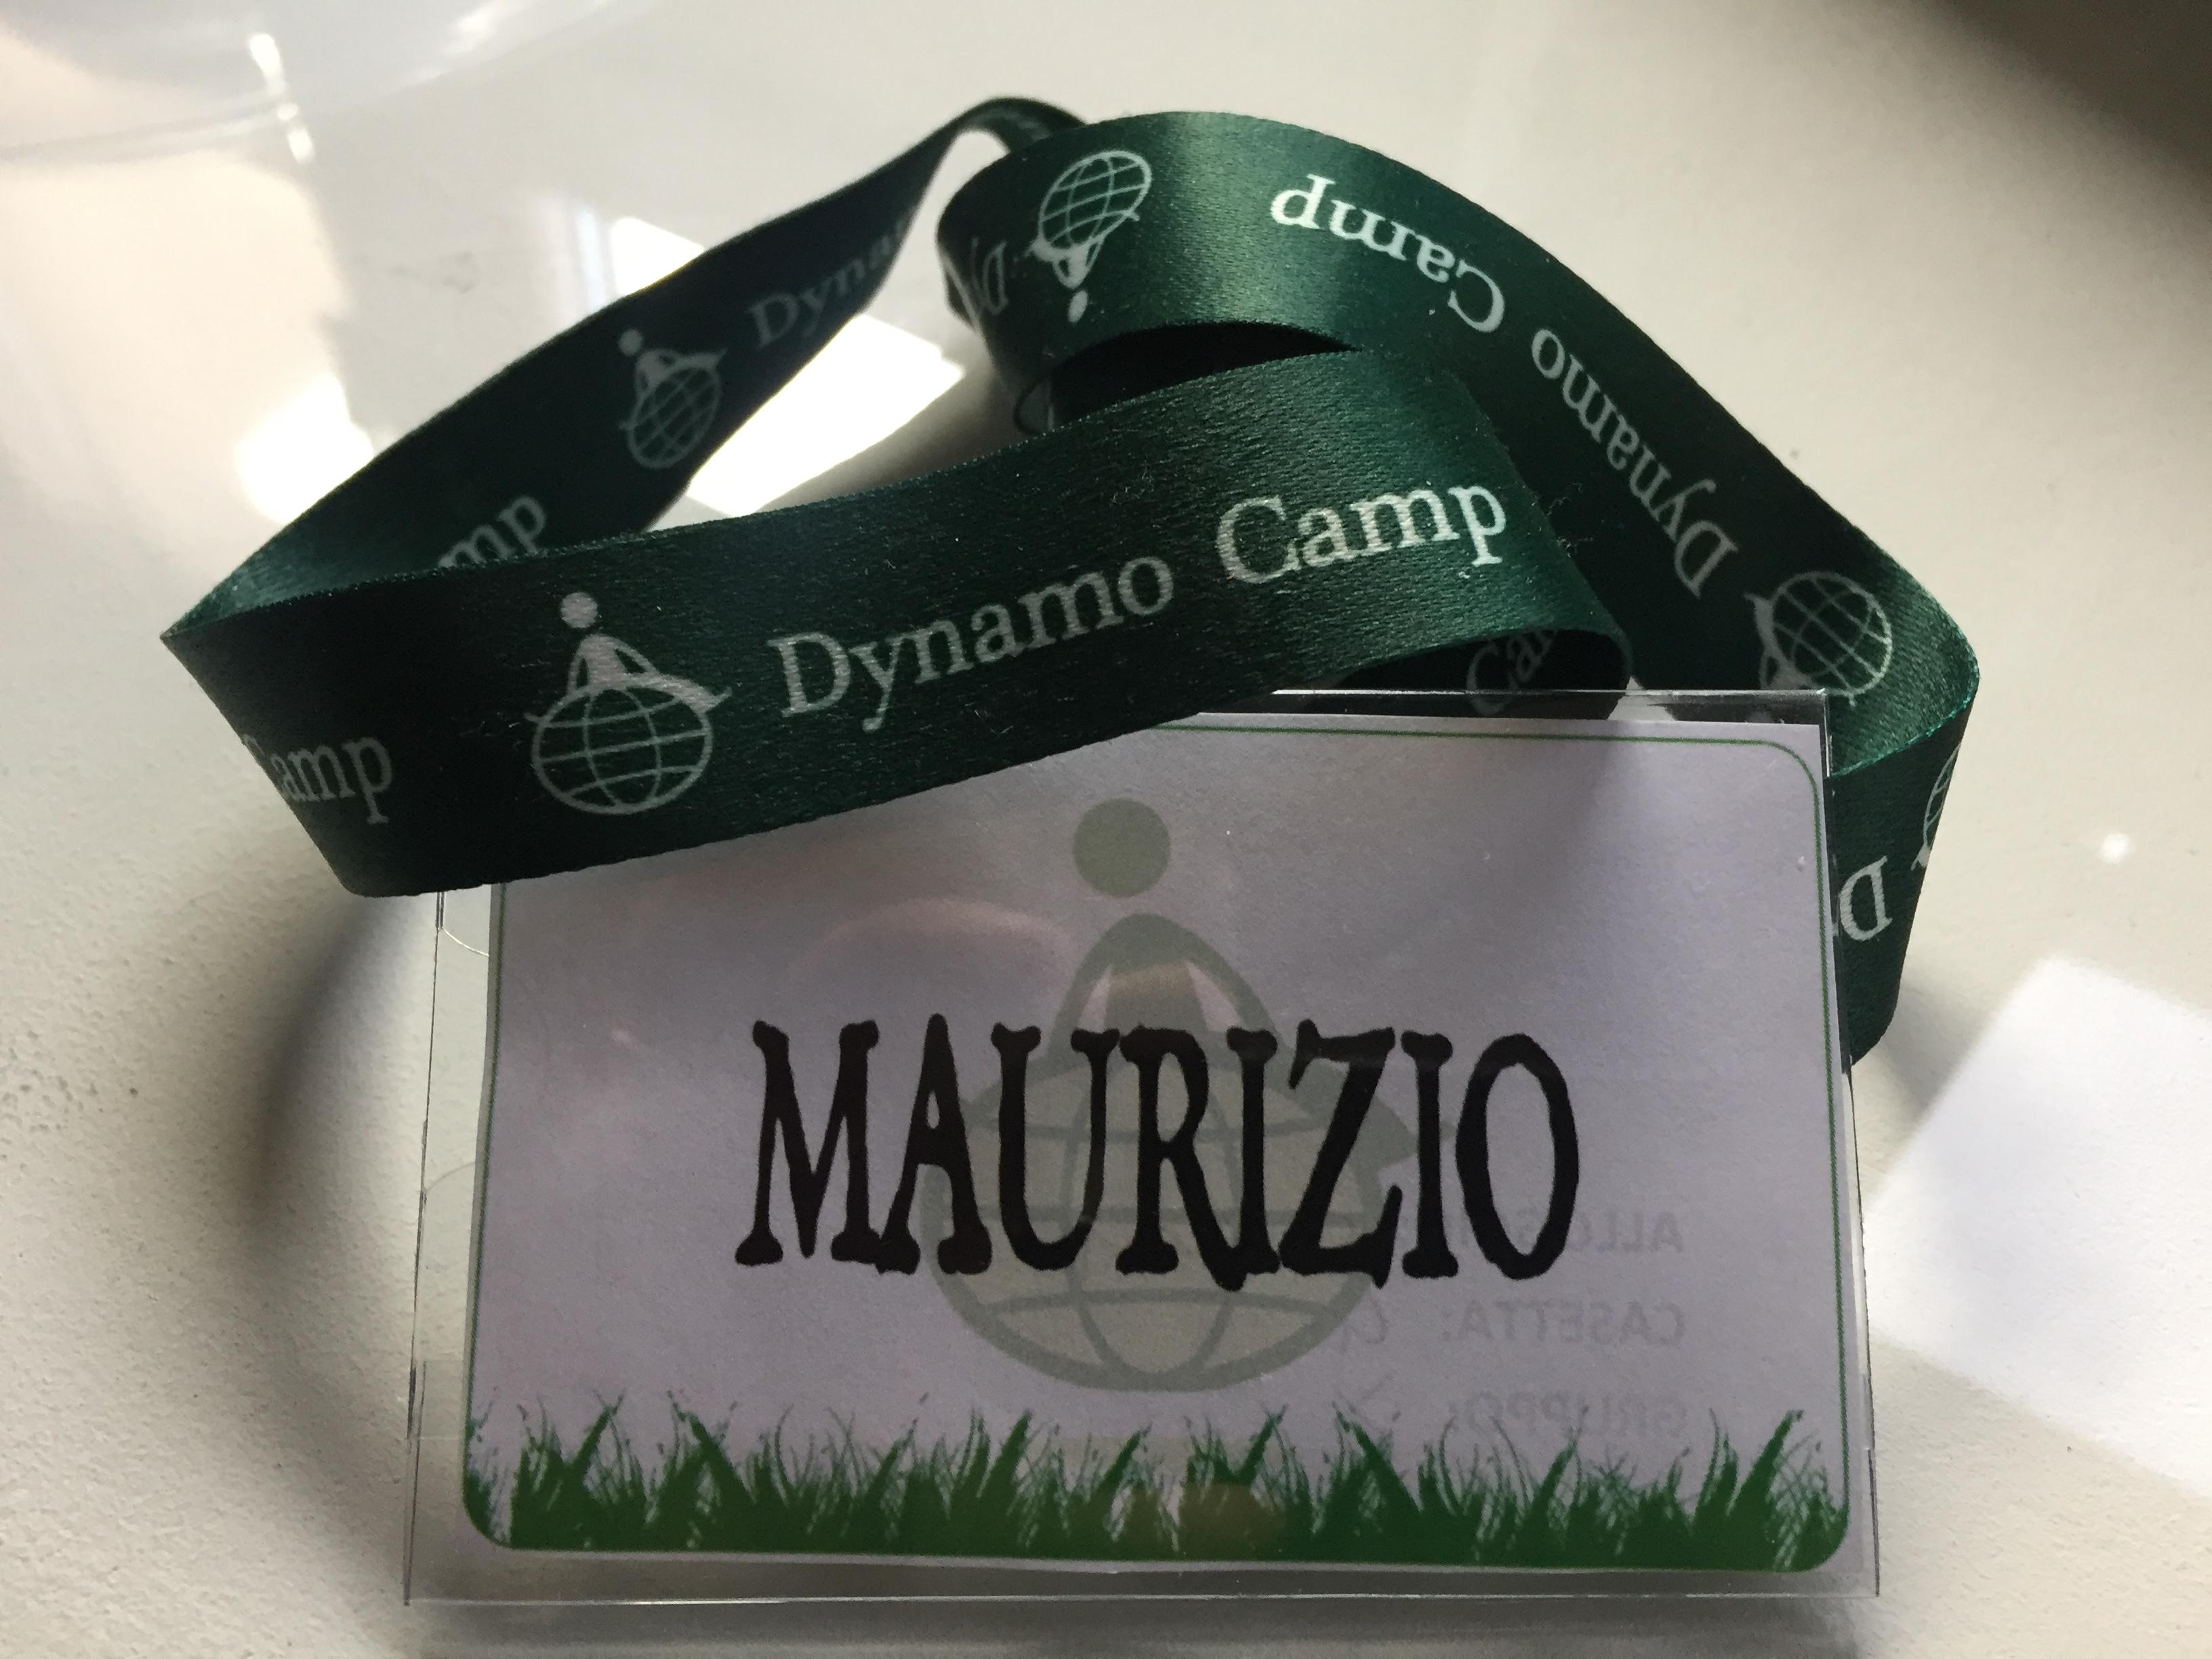 Cover Raccolta fondi per Dynamo Camp per il mio compleanno